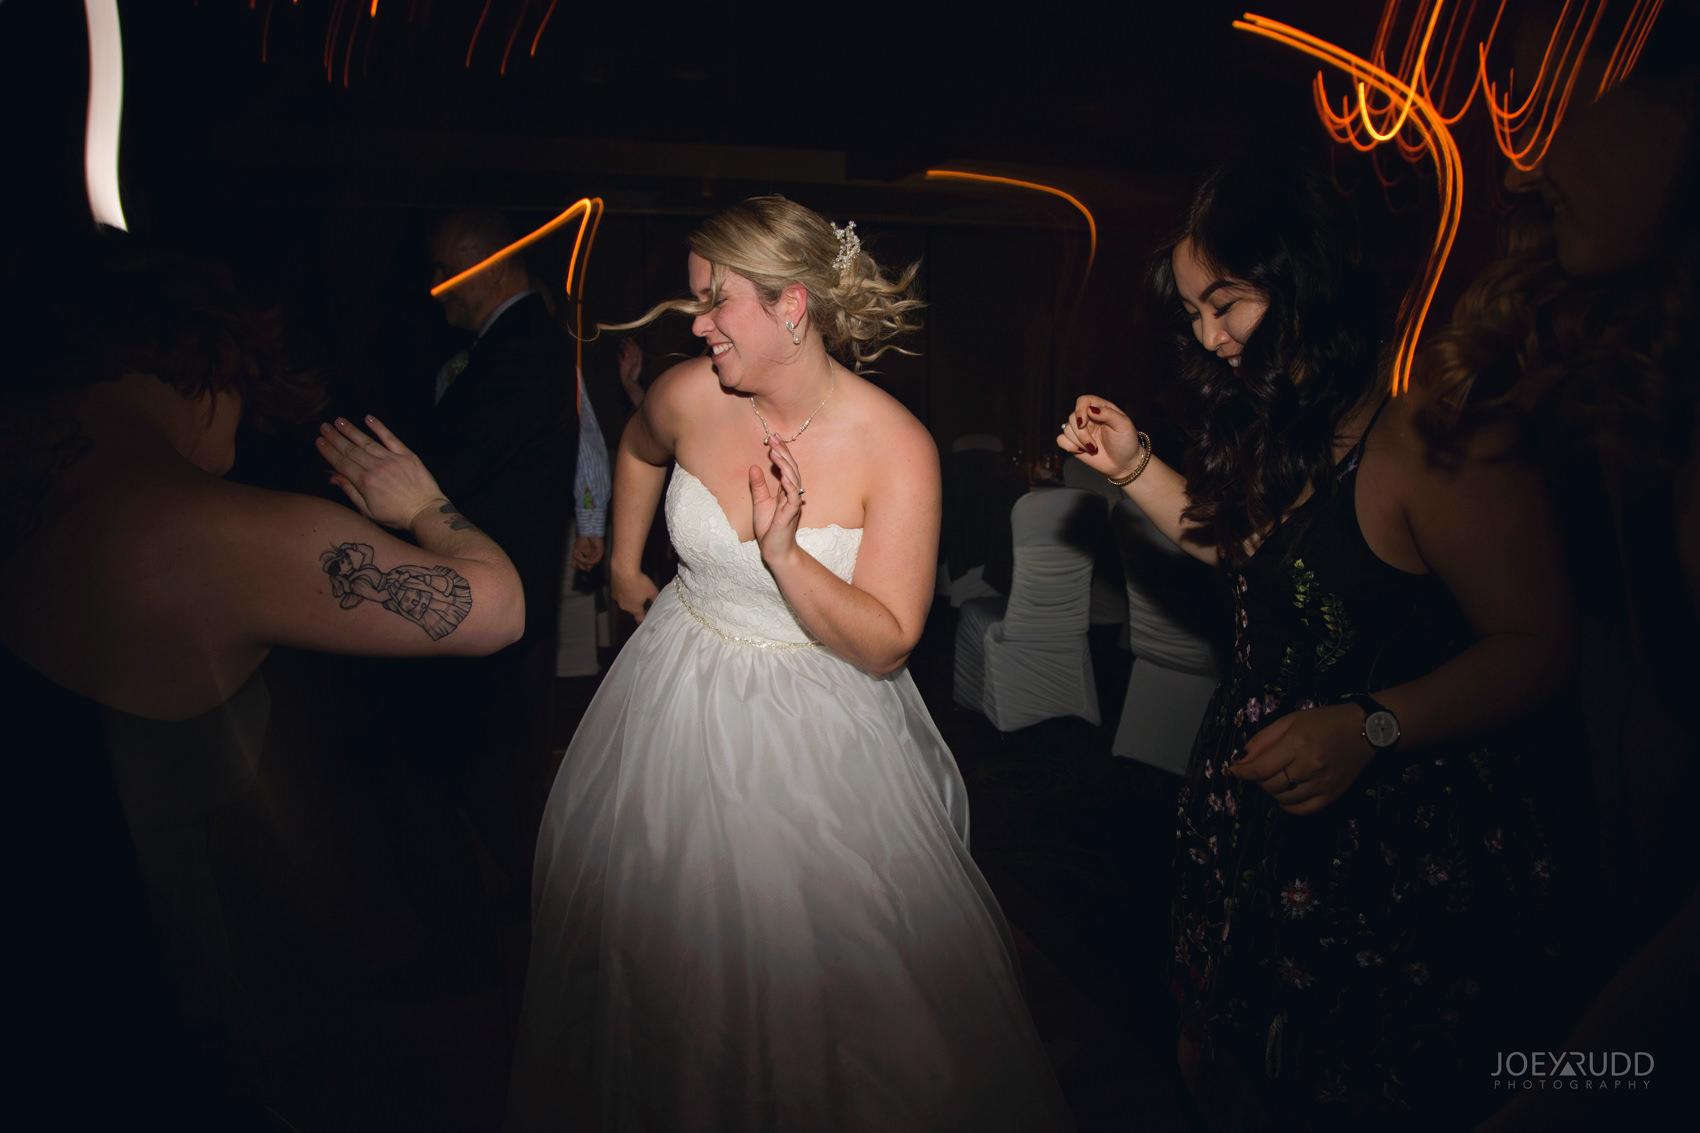 Winter Wedding in Ottawa at Greyhawk Golf Club by Ottawa Wedding Photographer Joey Rudd Photography Candid Reception Bride Dancing